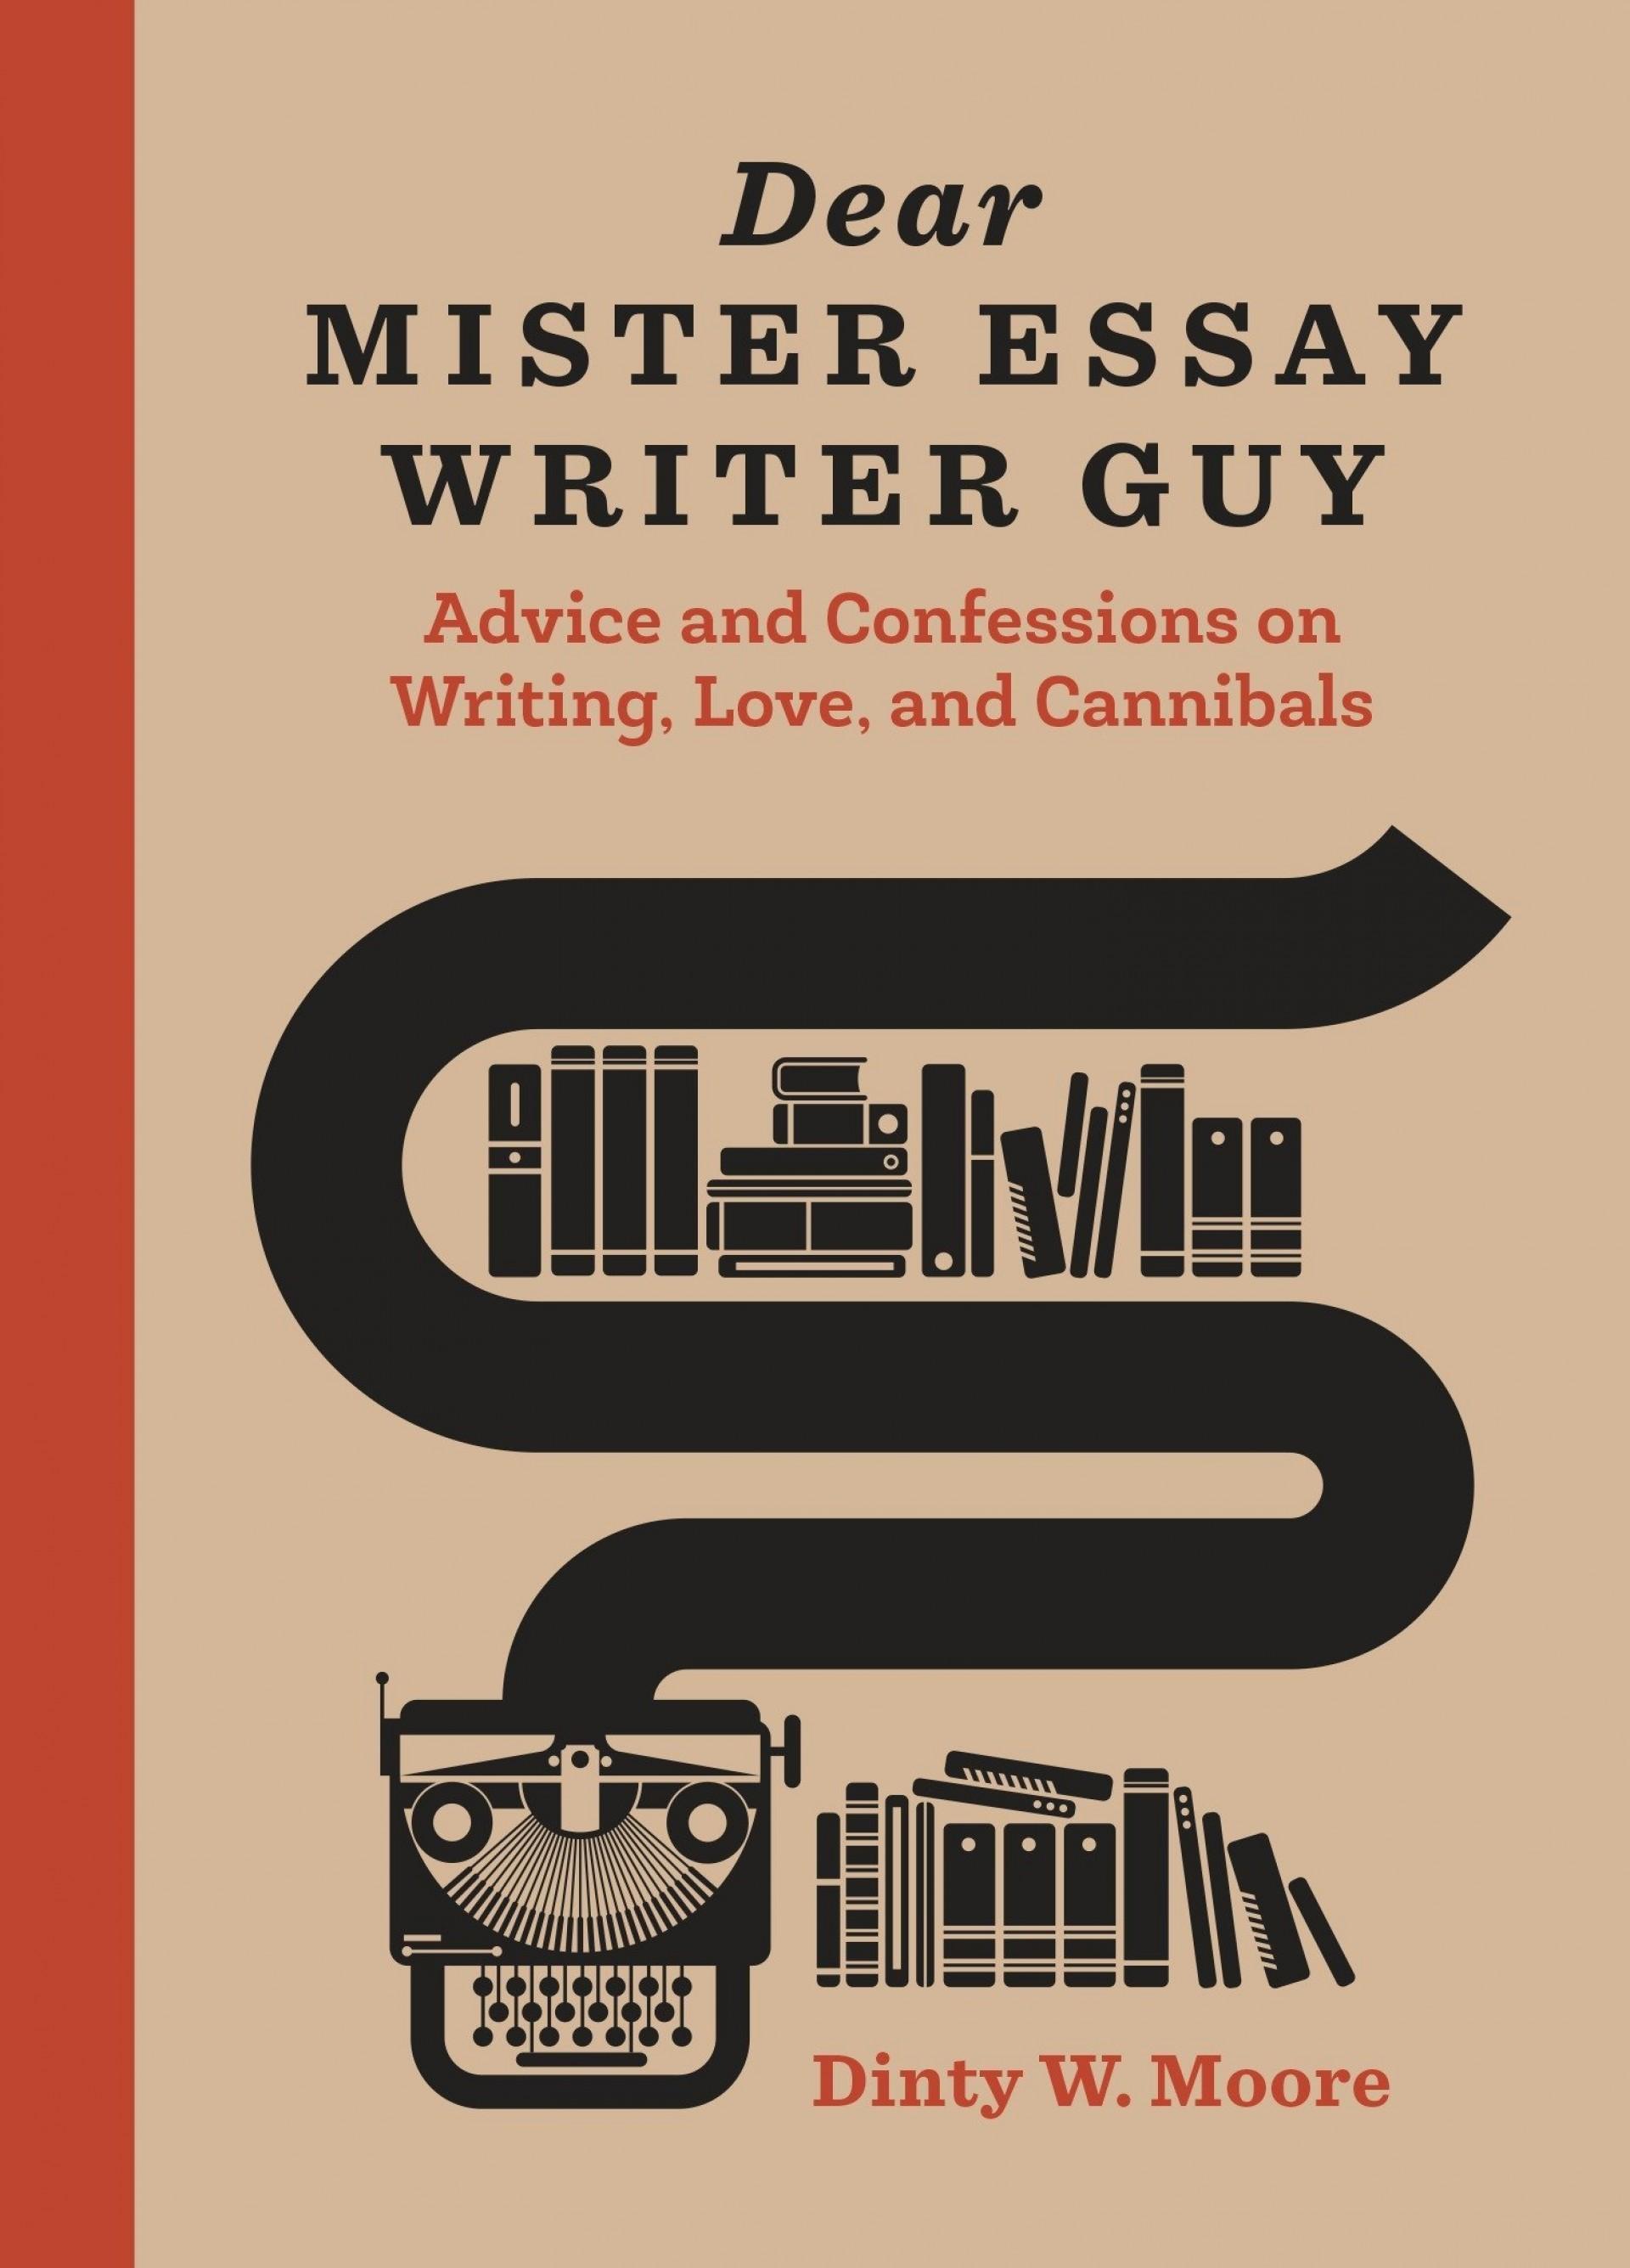 019 Essay Example Writer Com Outstanding My Writer.com Pro Writing Reviews Comparative 1920